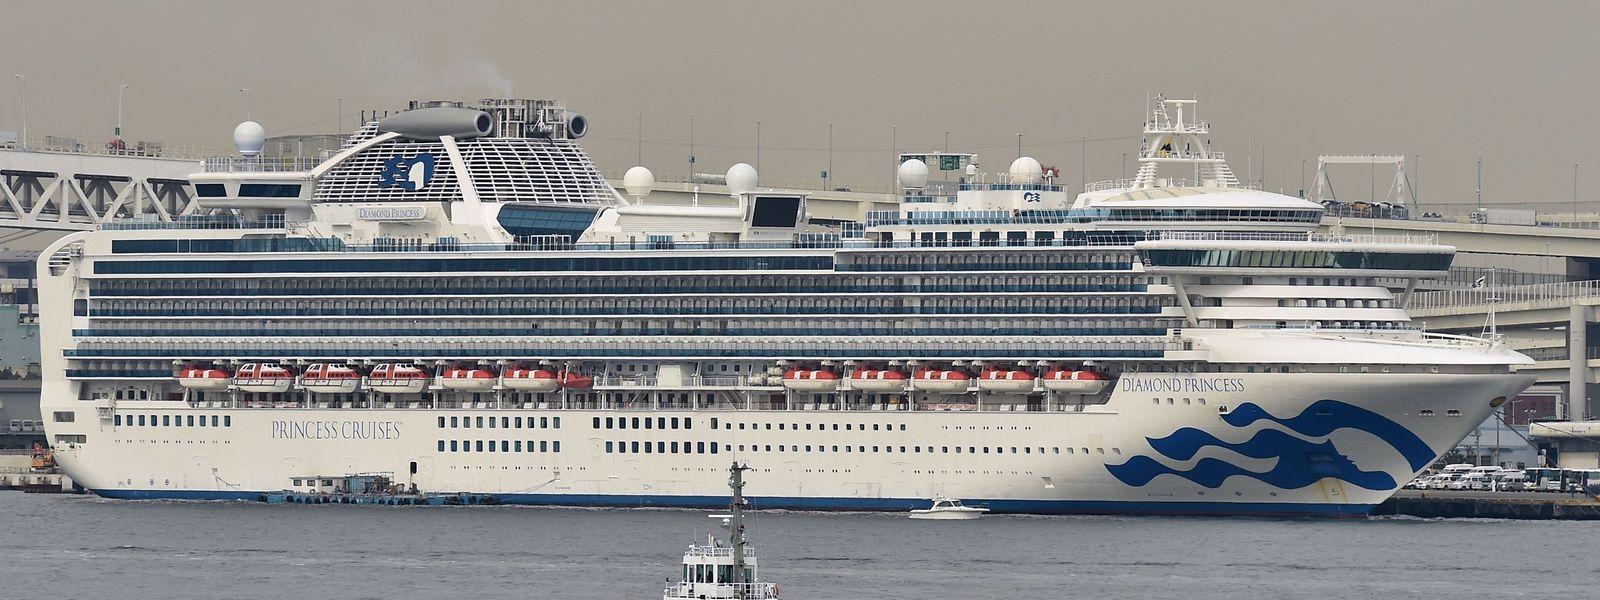 """Die """"Diamond Princess"""" liegt im Hafen von Yokohama in Japan."""